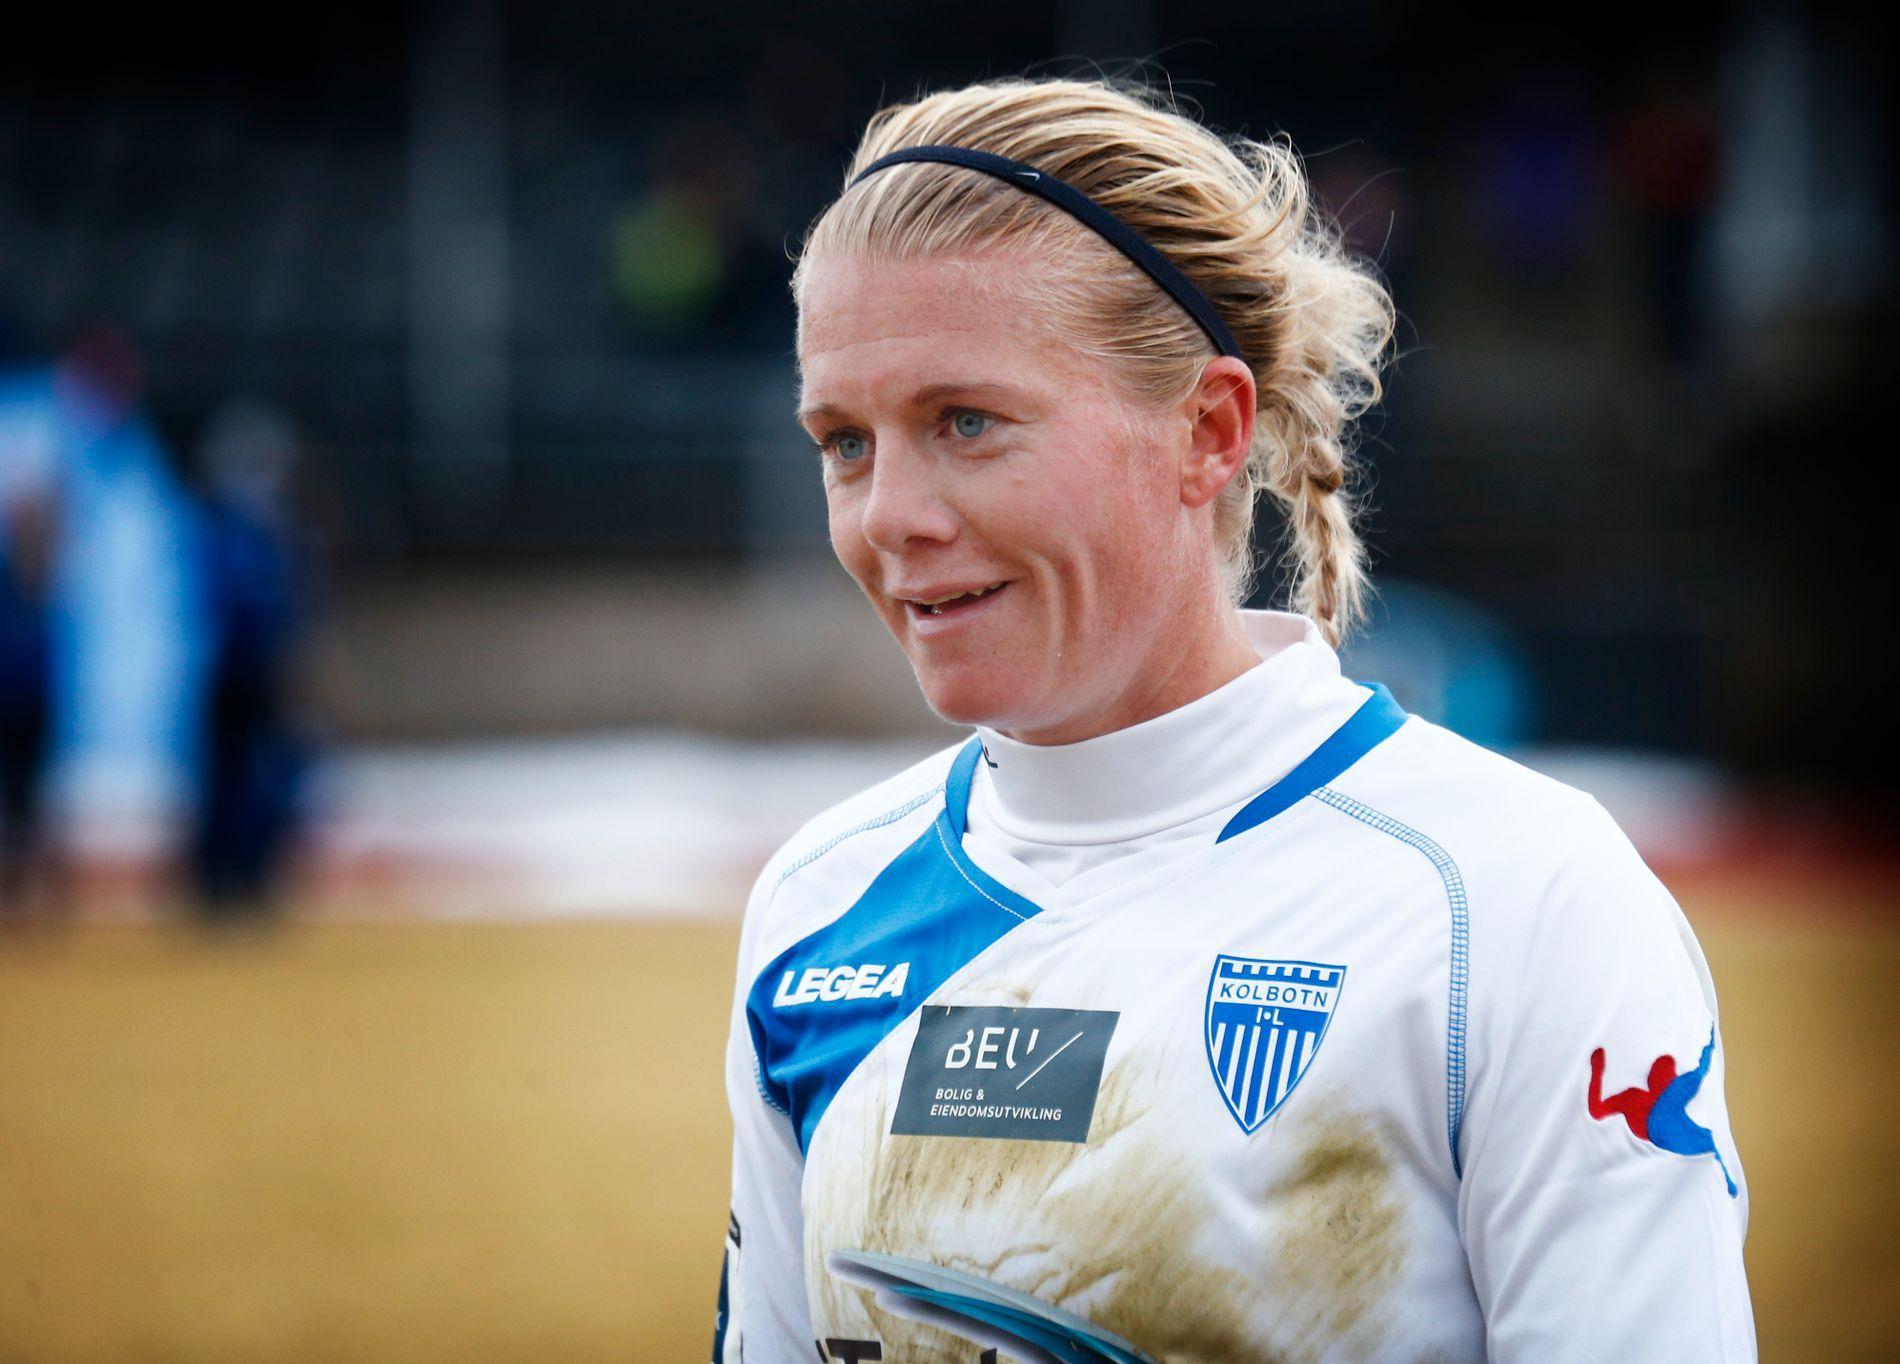 SLITEN OG GLAD: Solveig Gulbrandsen holdt hele kampen mot gullfavoritt Lillestrøm, og viser at hun duger fortsatt, selv om hun er vraket fra landslaget.